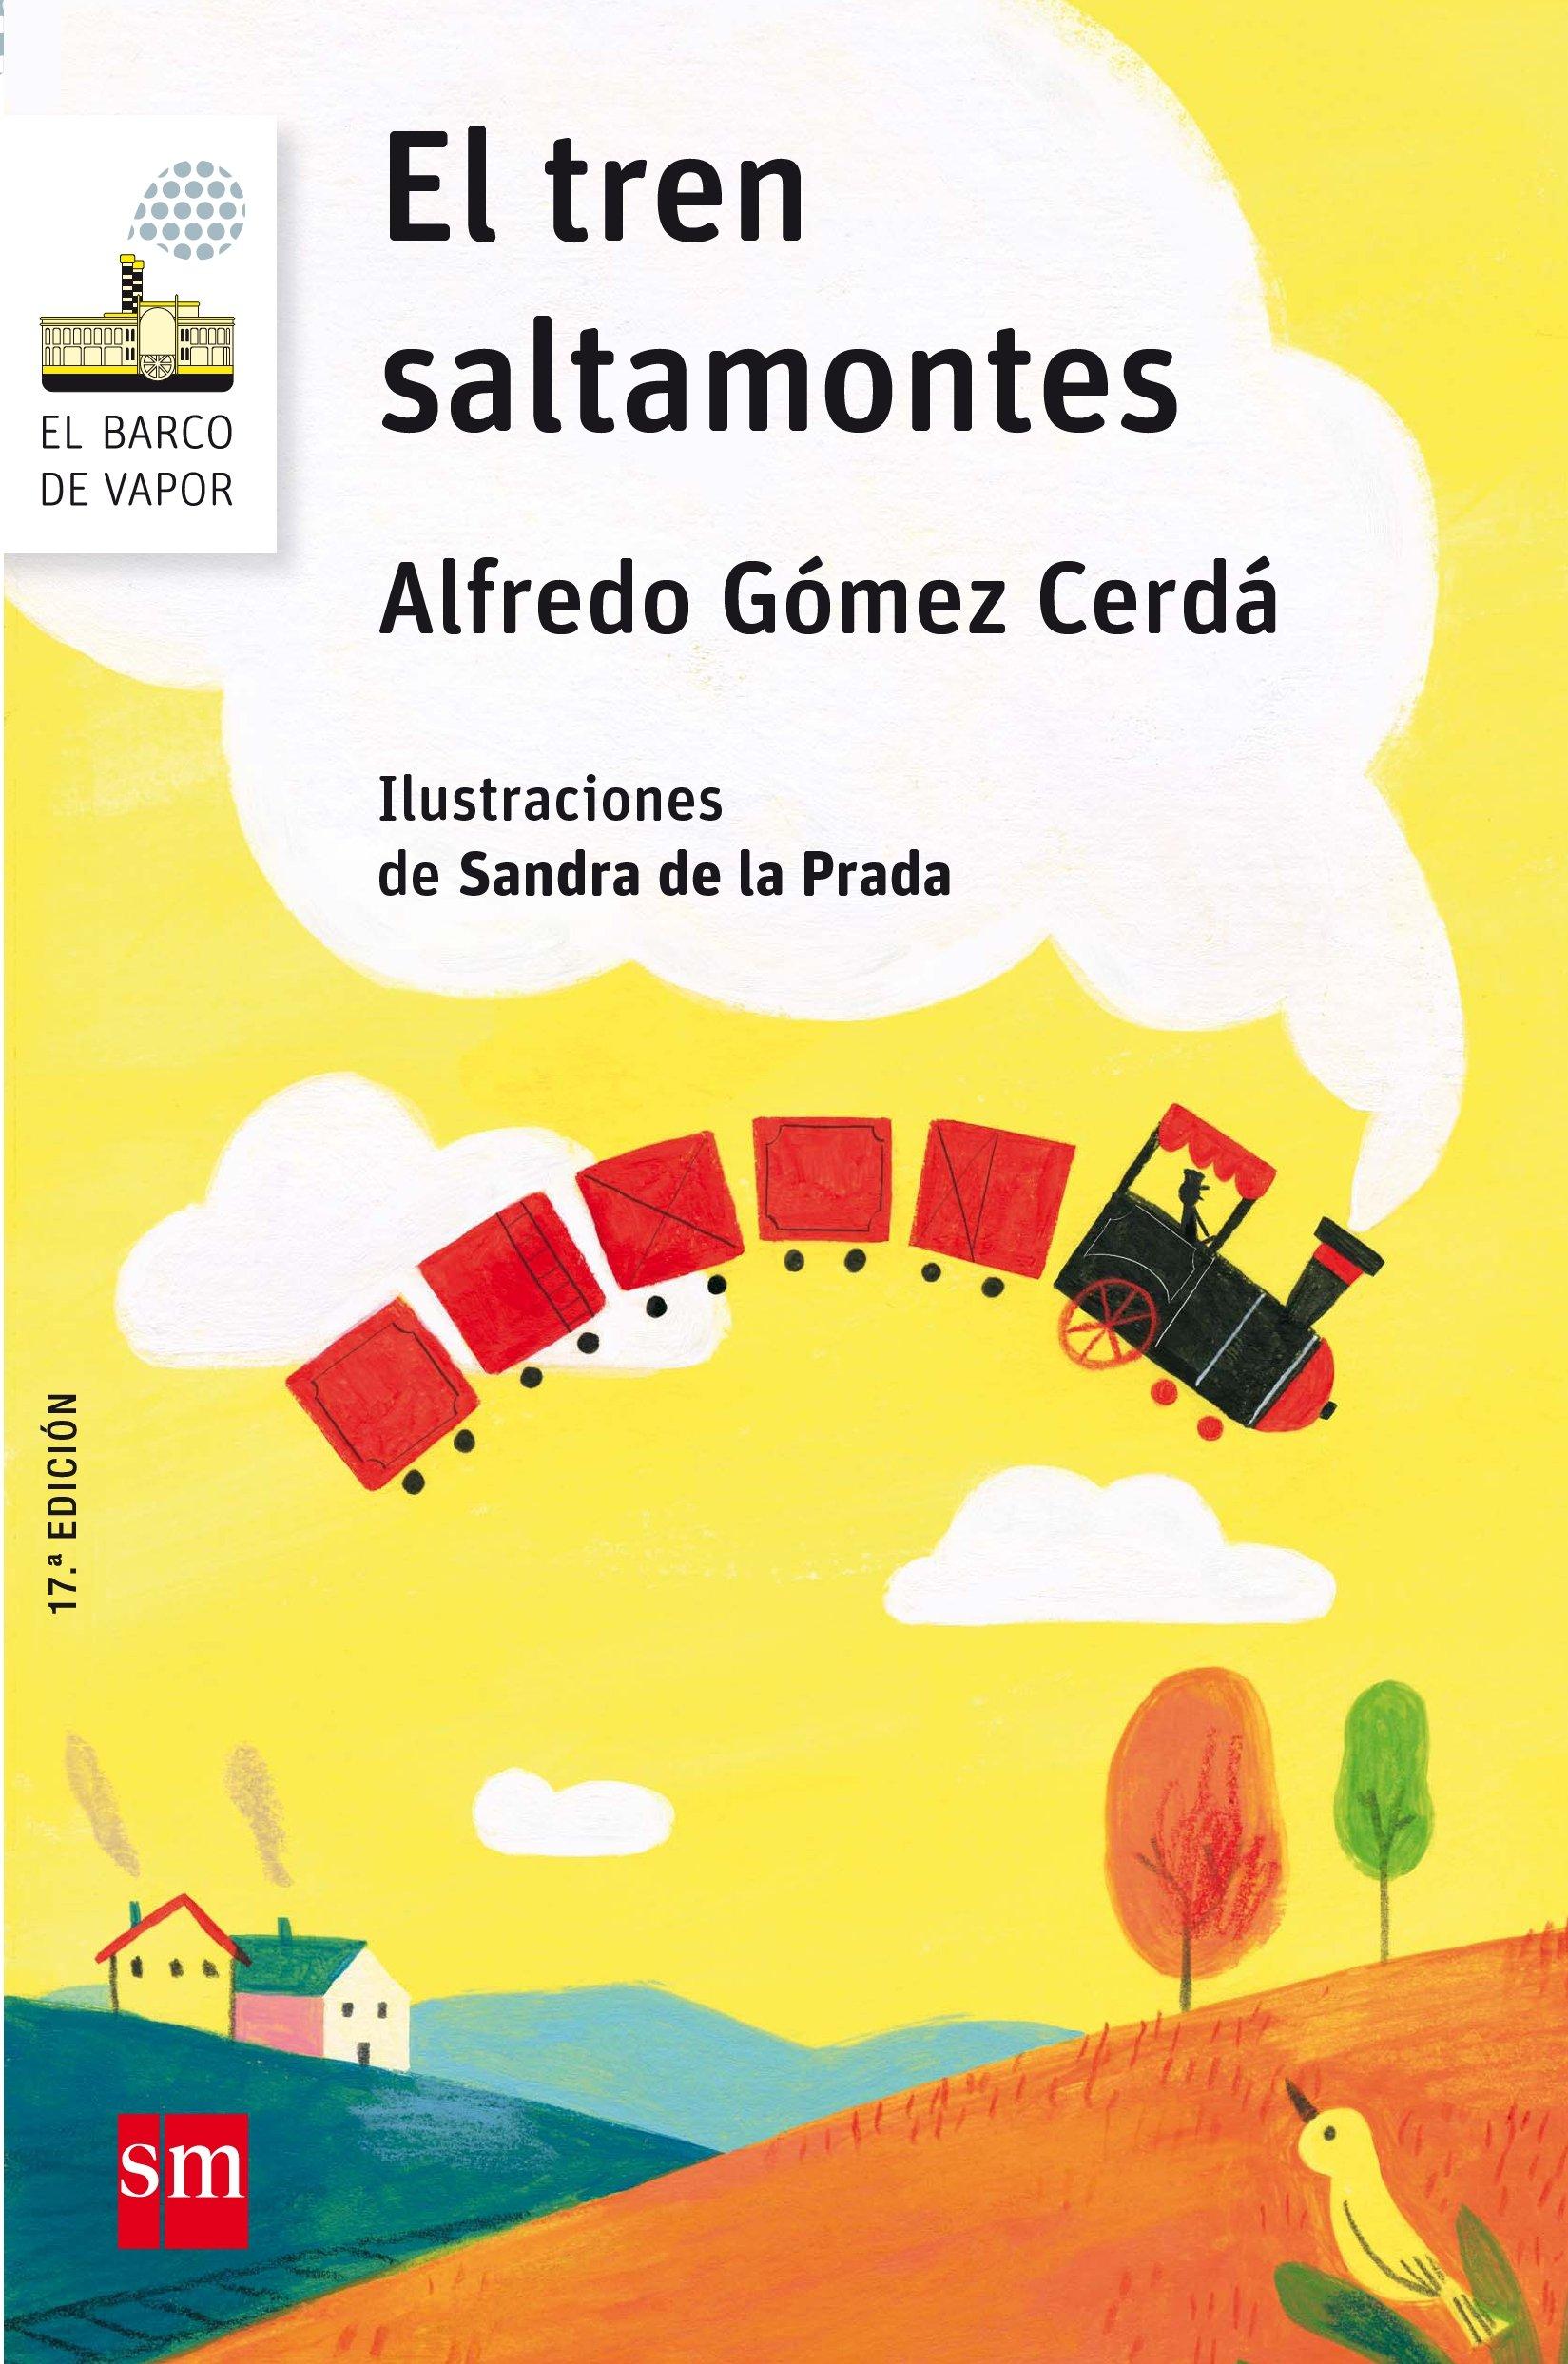 El tren saltamontes (El Barco de Vapor Blanca): Amazon.es: Alfredo Gómez  Cerdá, Sandra de la Prada: Libros